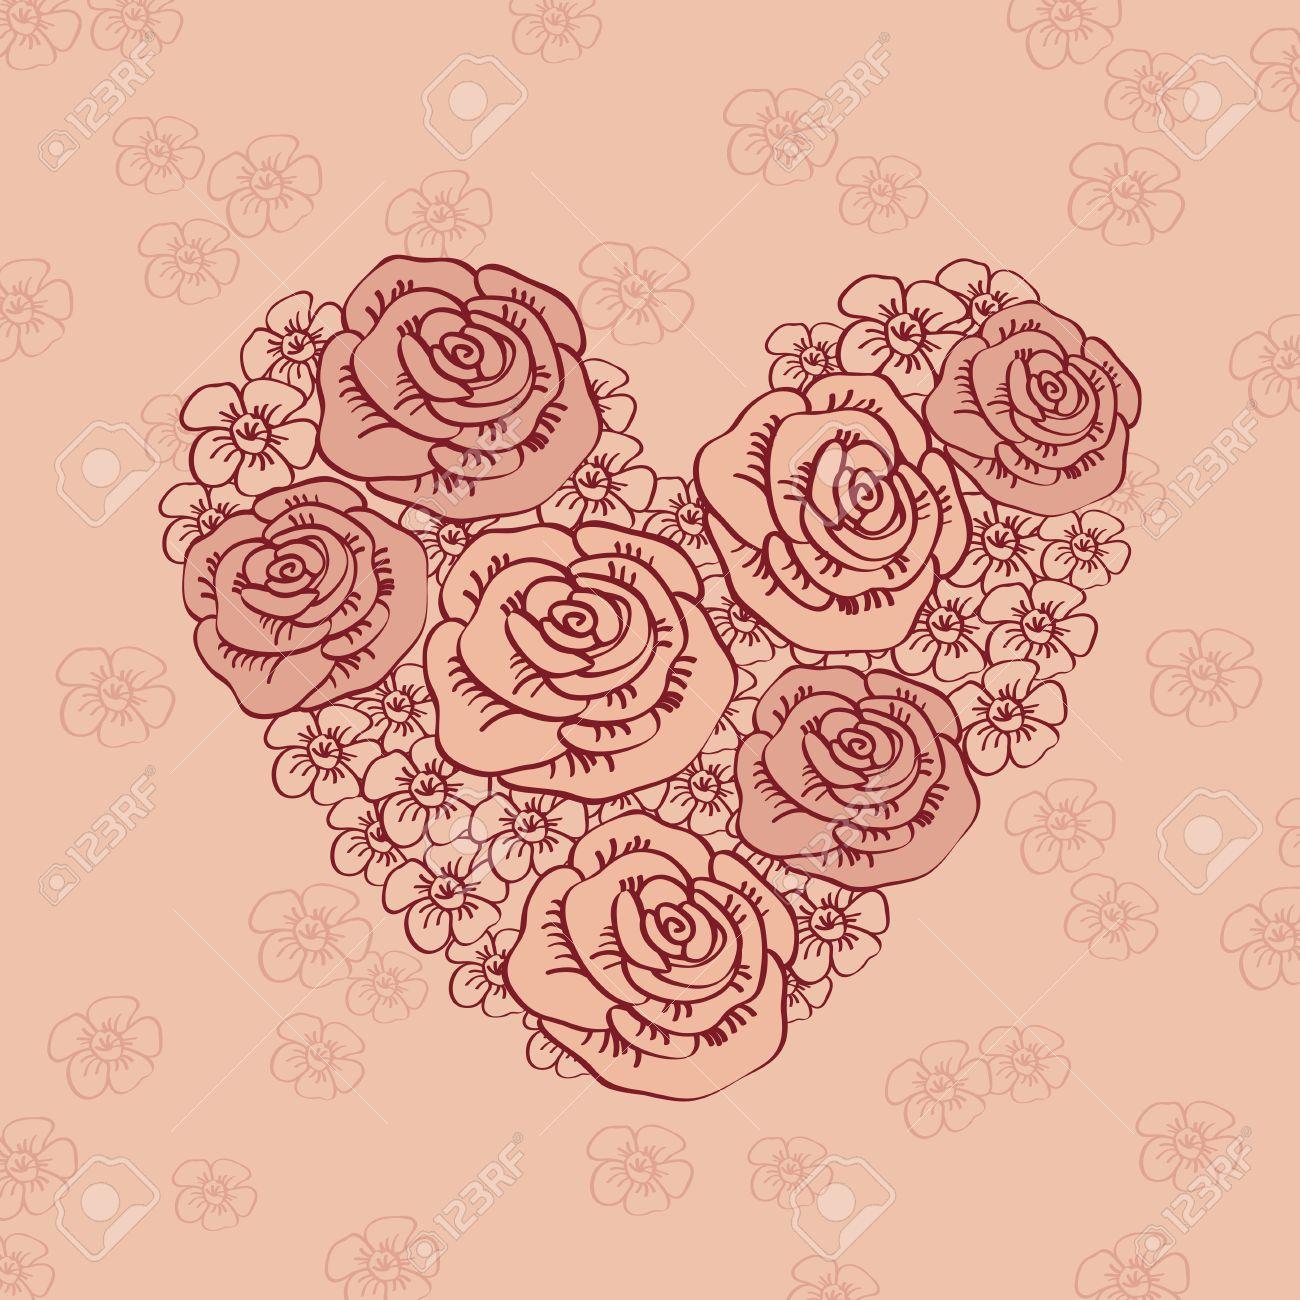 Hand Drawn Coeur Vintage De Fleurs Carte De Voeux Felicitations